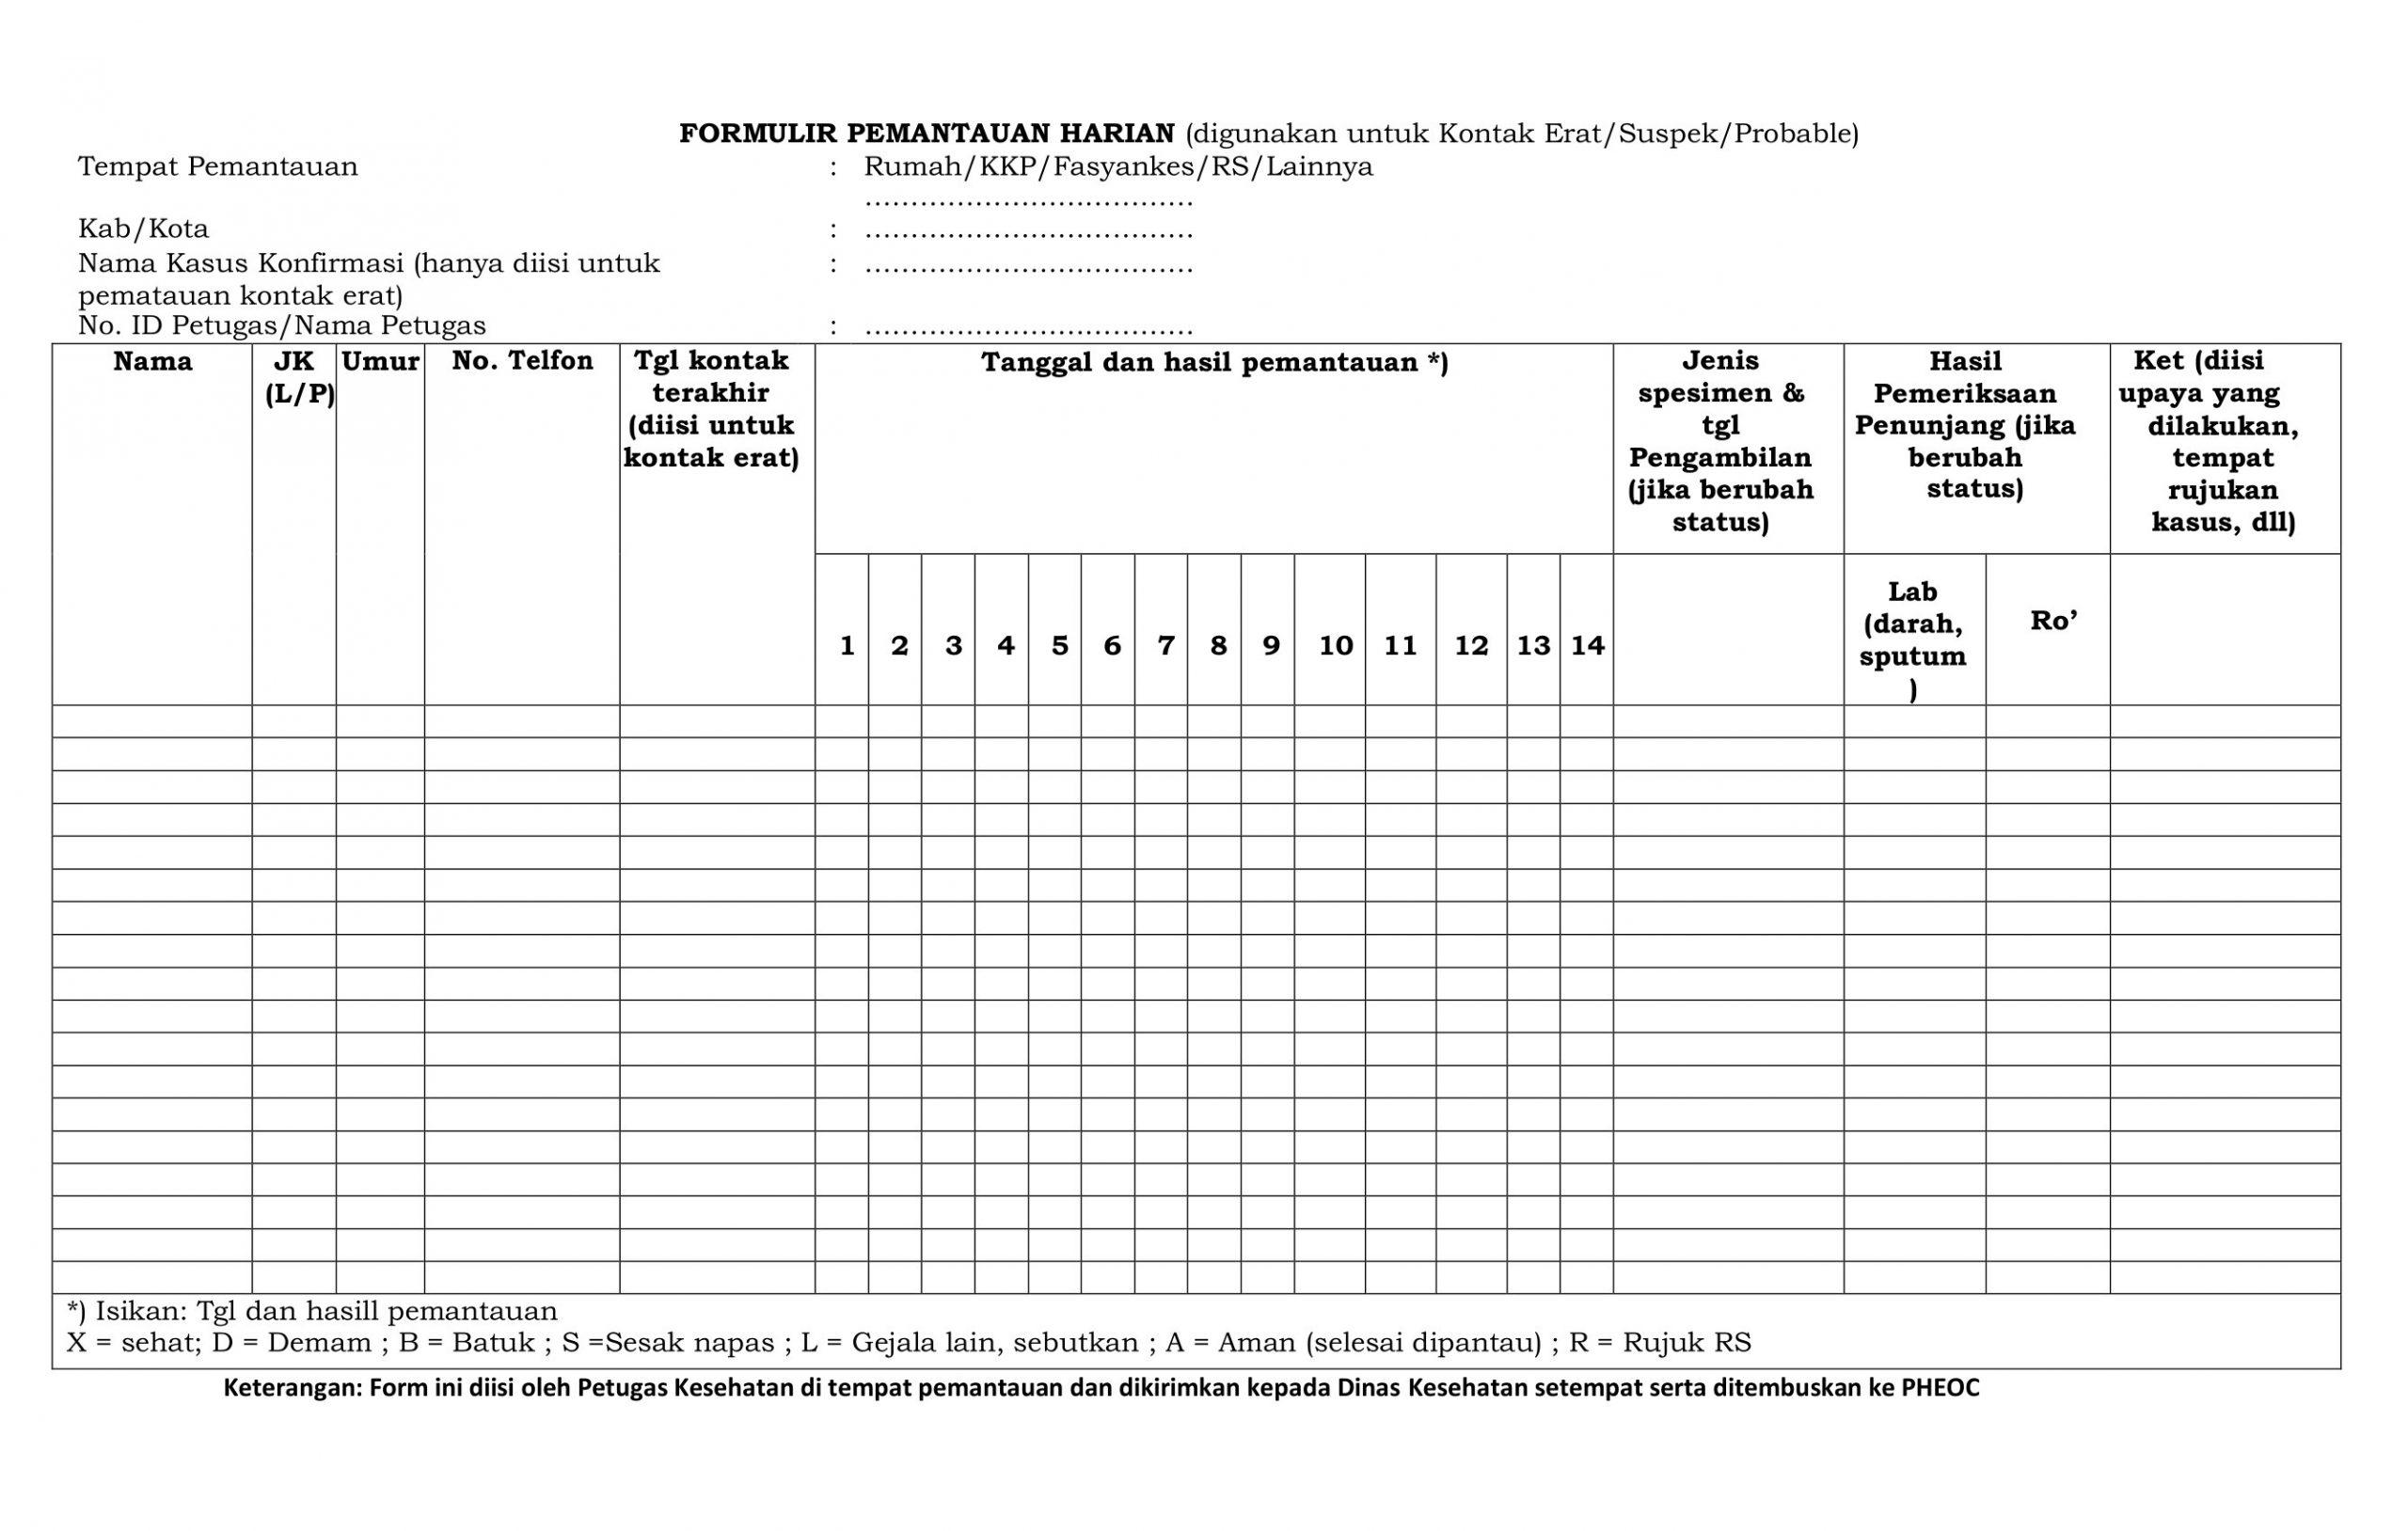 FORMULIR PEMANTAUAN HARIAN (digunakan untuk Kontak Erat/Suspek/Probable)